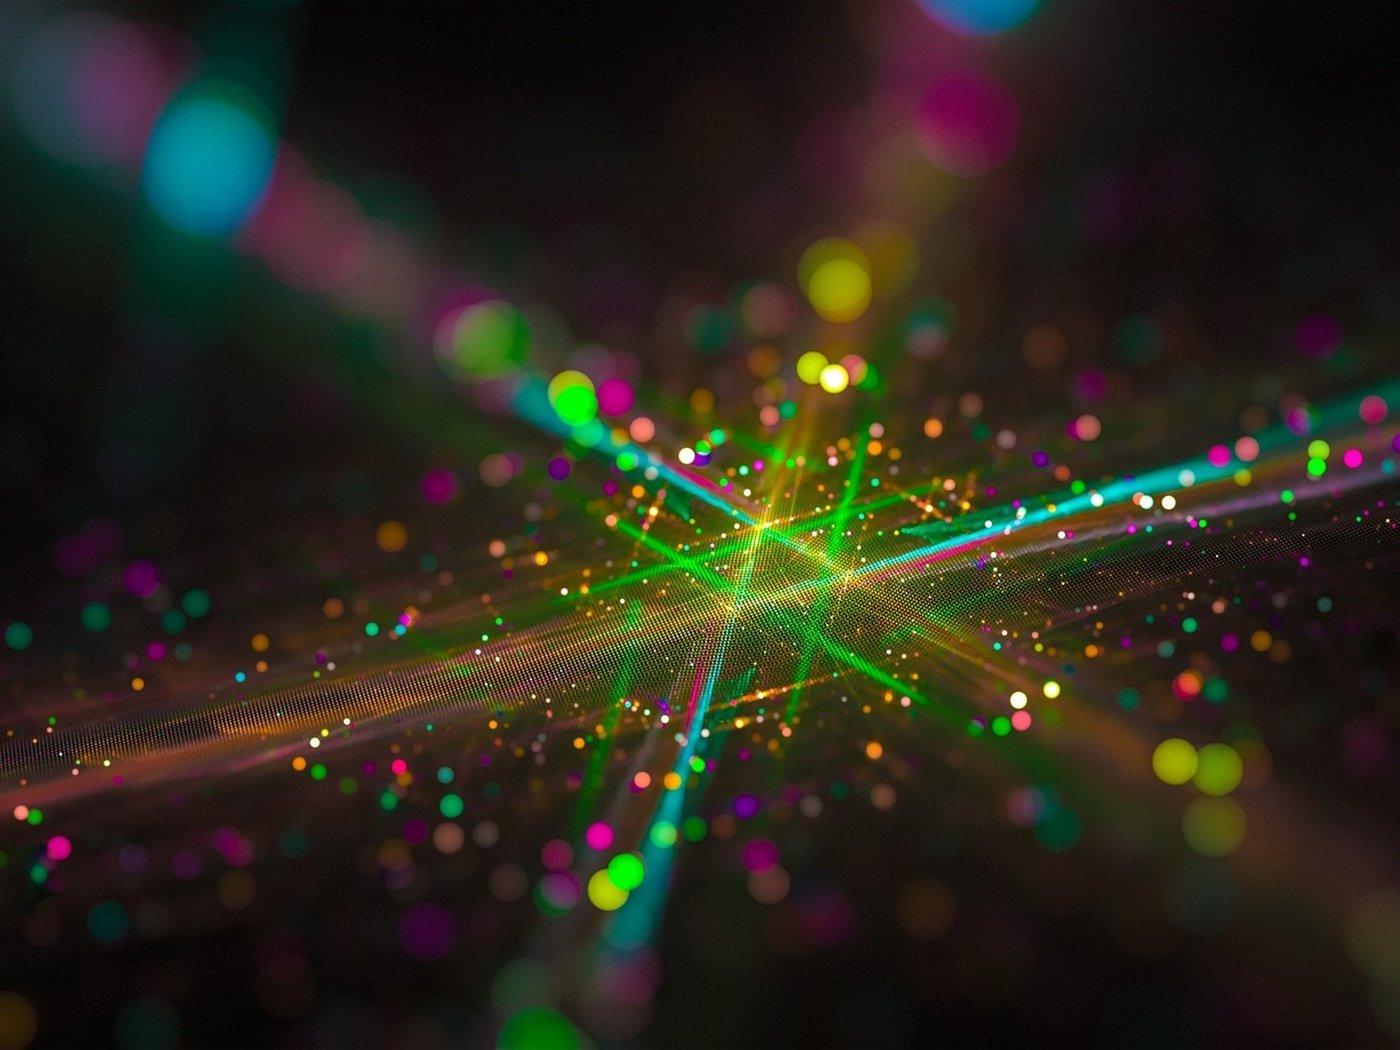 база картинки с эффектами света опытной вязальщицы уйдет